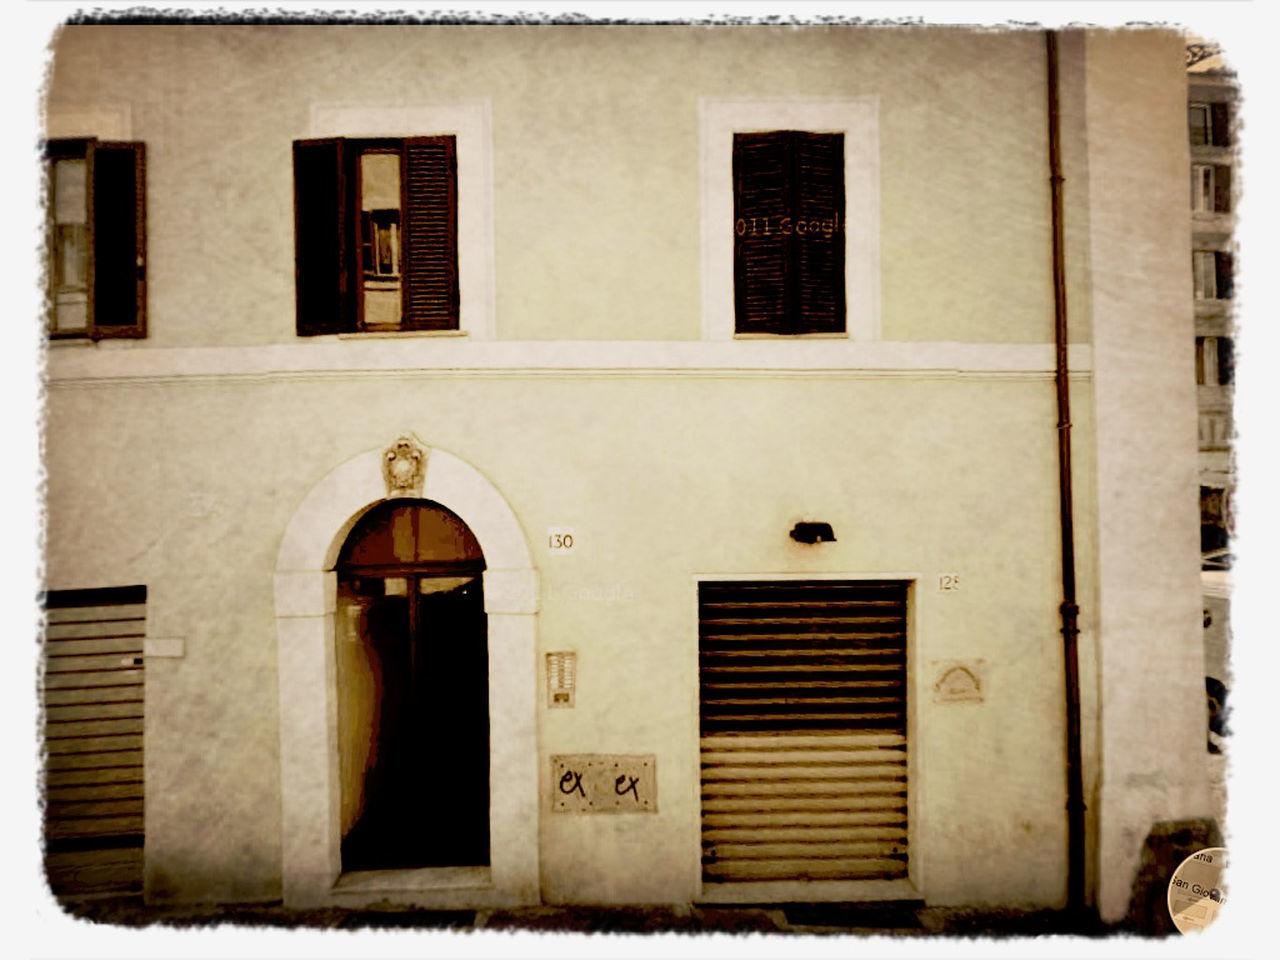 building exterior, architecture, built structure, arch, door, window, outdoors, doorway, no people, day, city